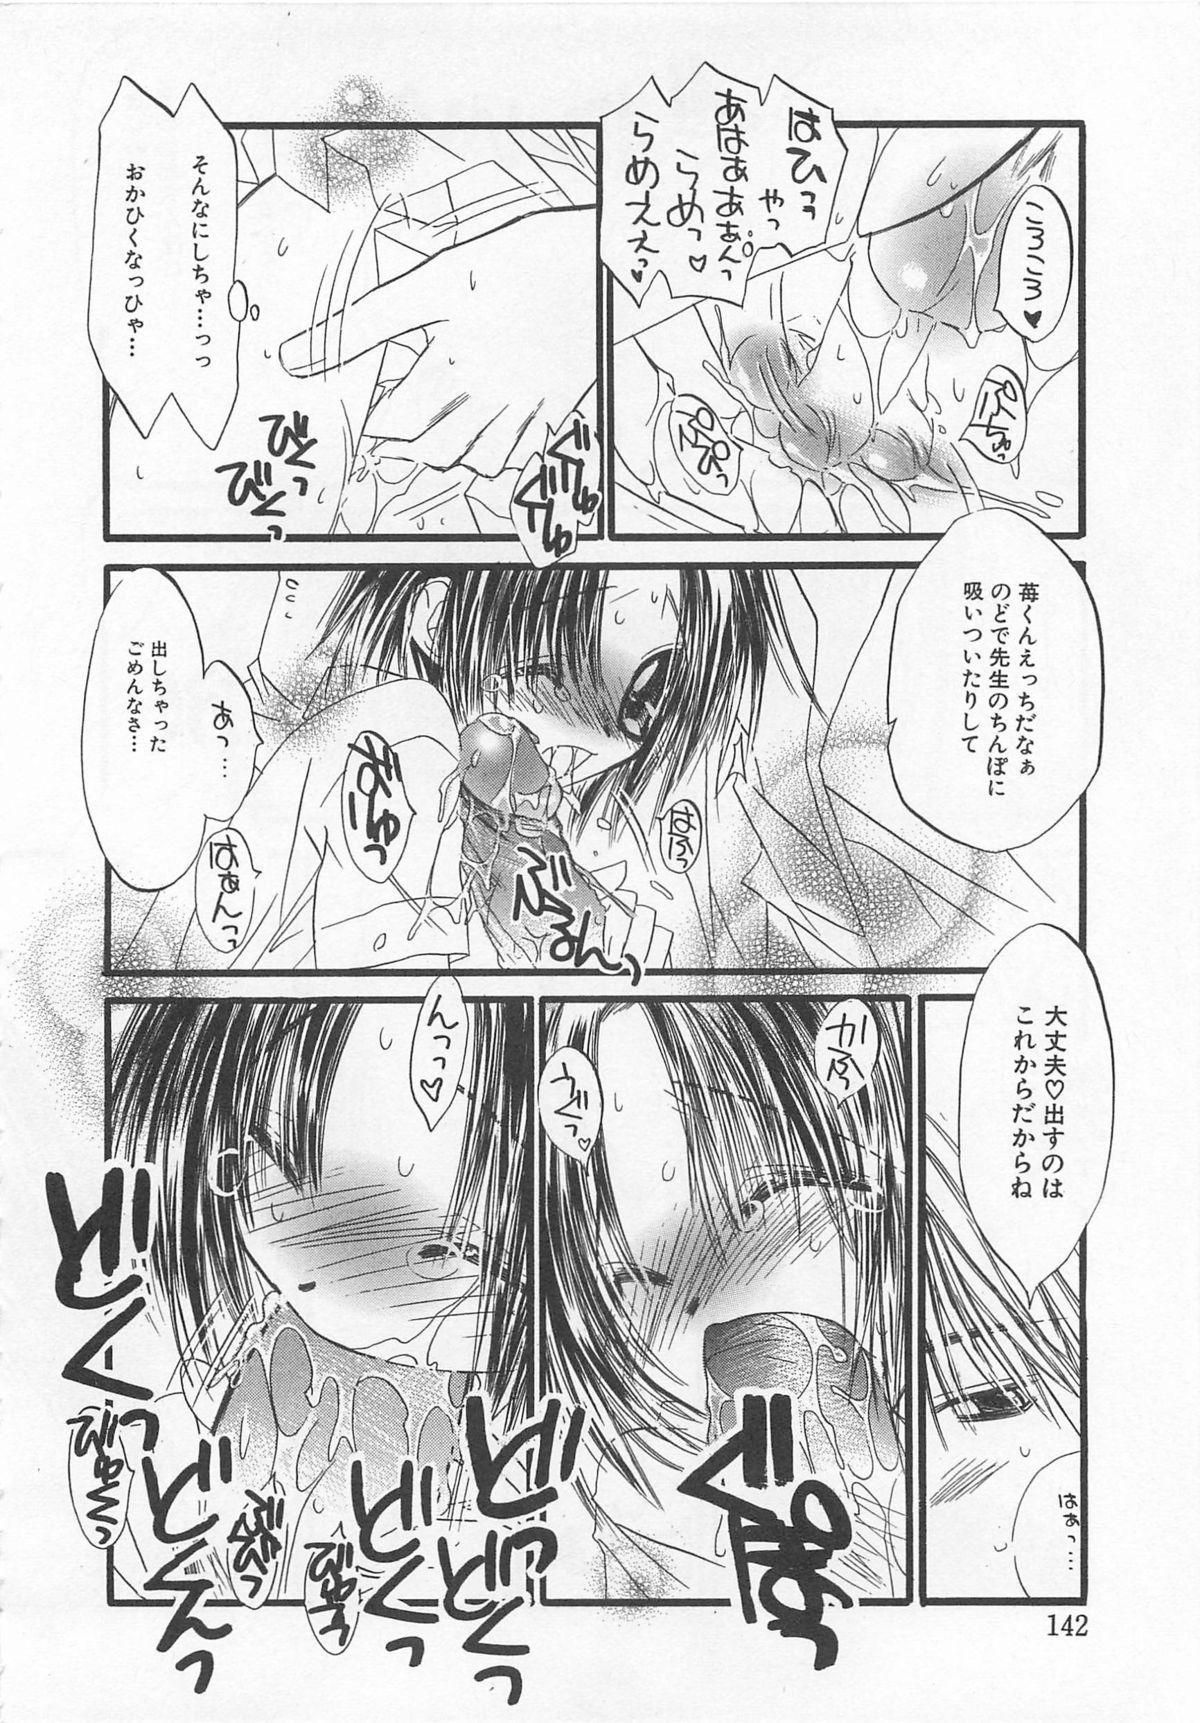 Otokonoko HEAVEN Vol. 01 Meganekko 144